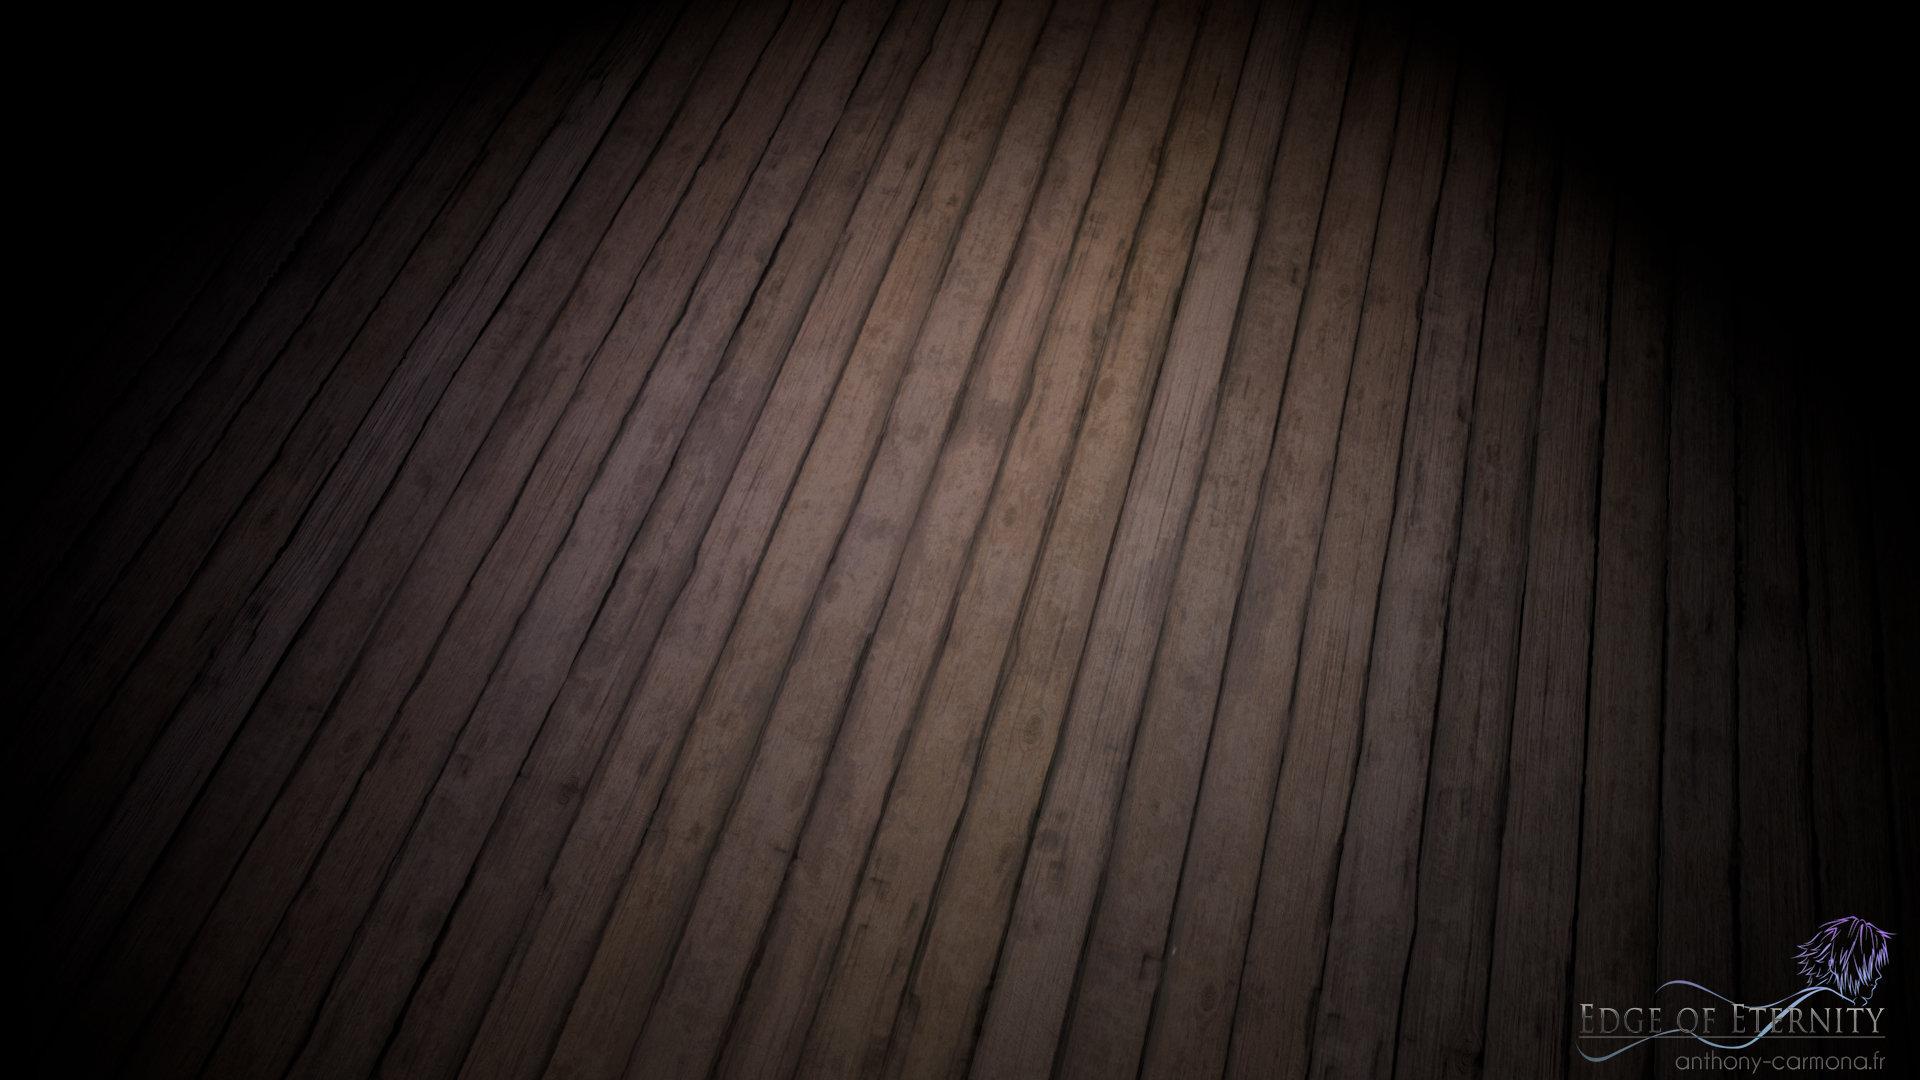 Anthony carmona planks1 flat